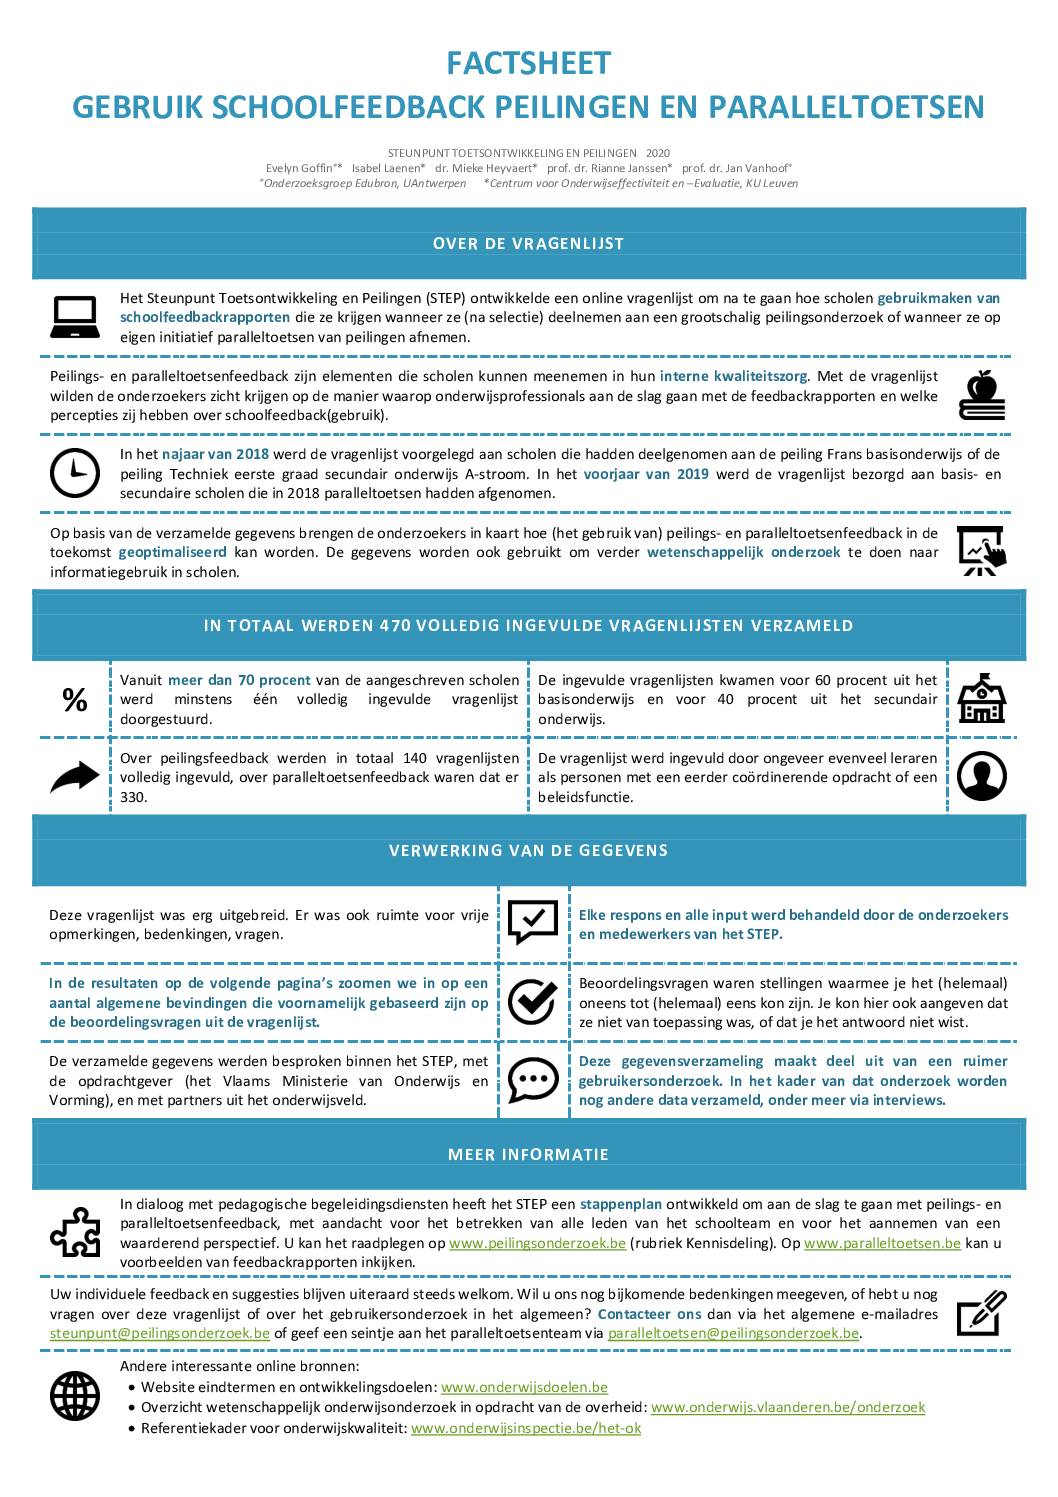 Factsheet survey-onderzoek: aan de slag met peilings- en paralleltoetsenfeedback